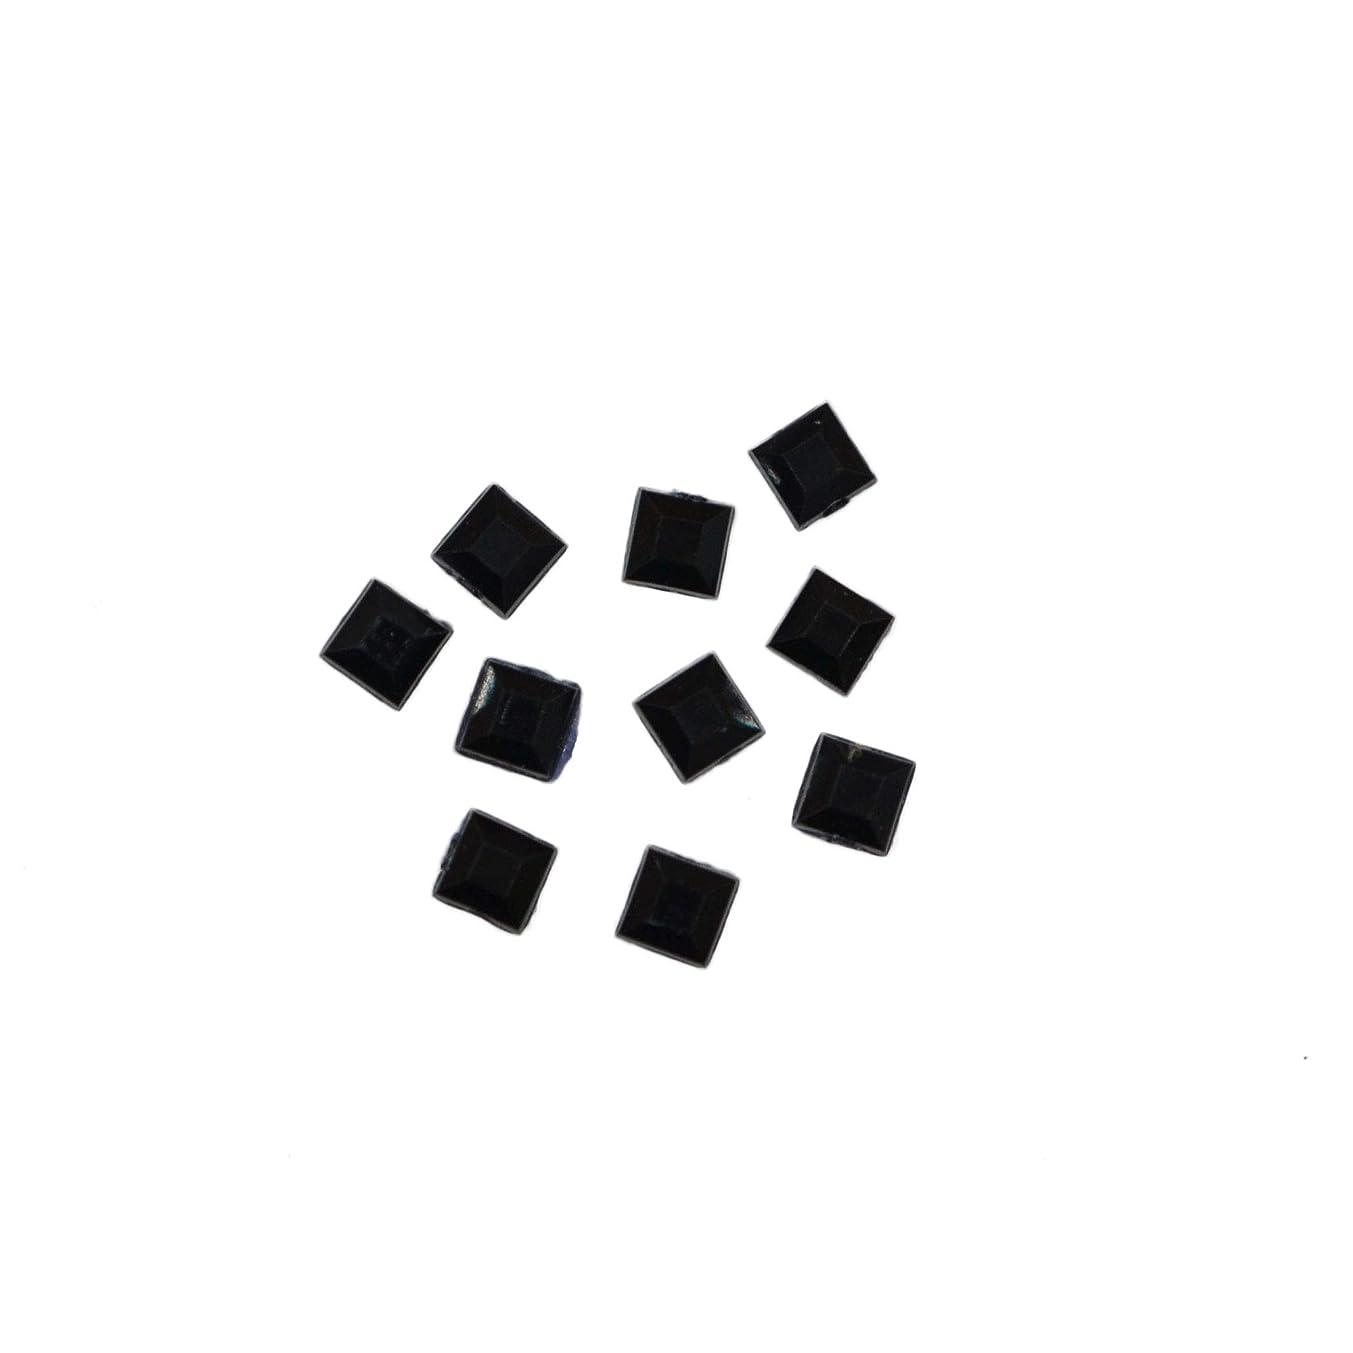 管理しますページェント厳密にスクエアストーン 30粒 / 色々使える四角いアクリルストーン (ブラック2.5mm)